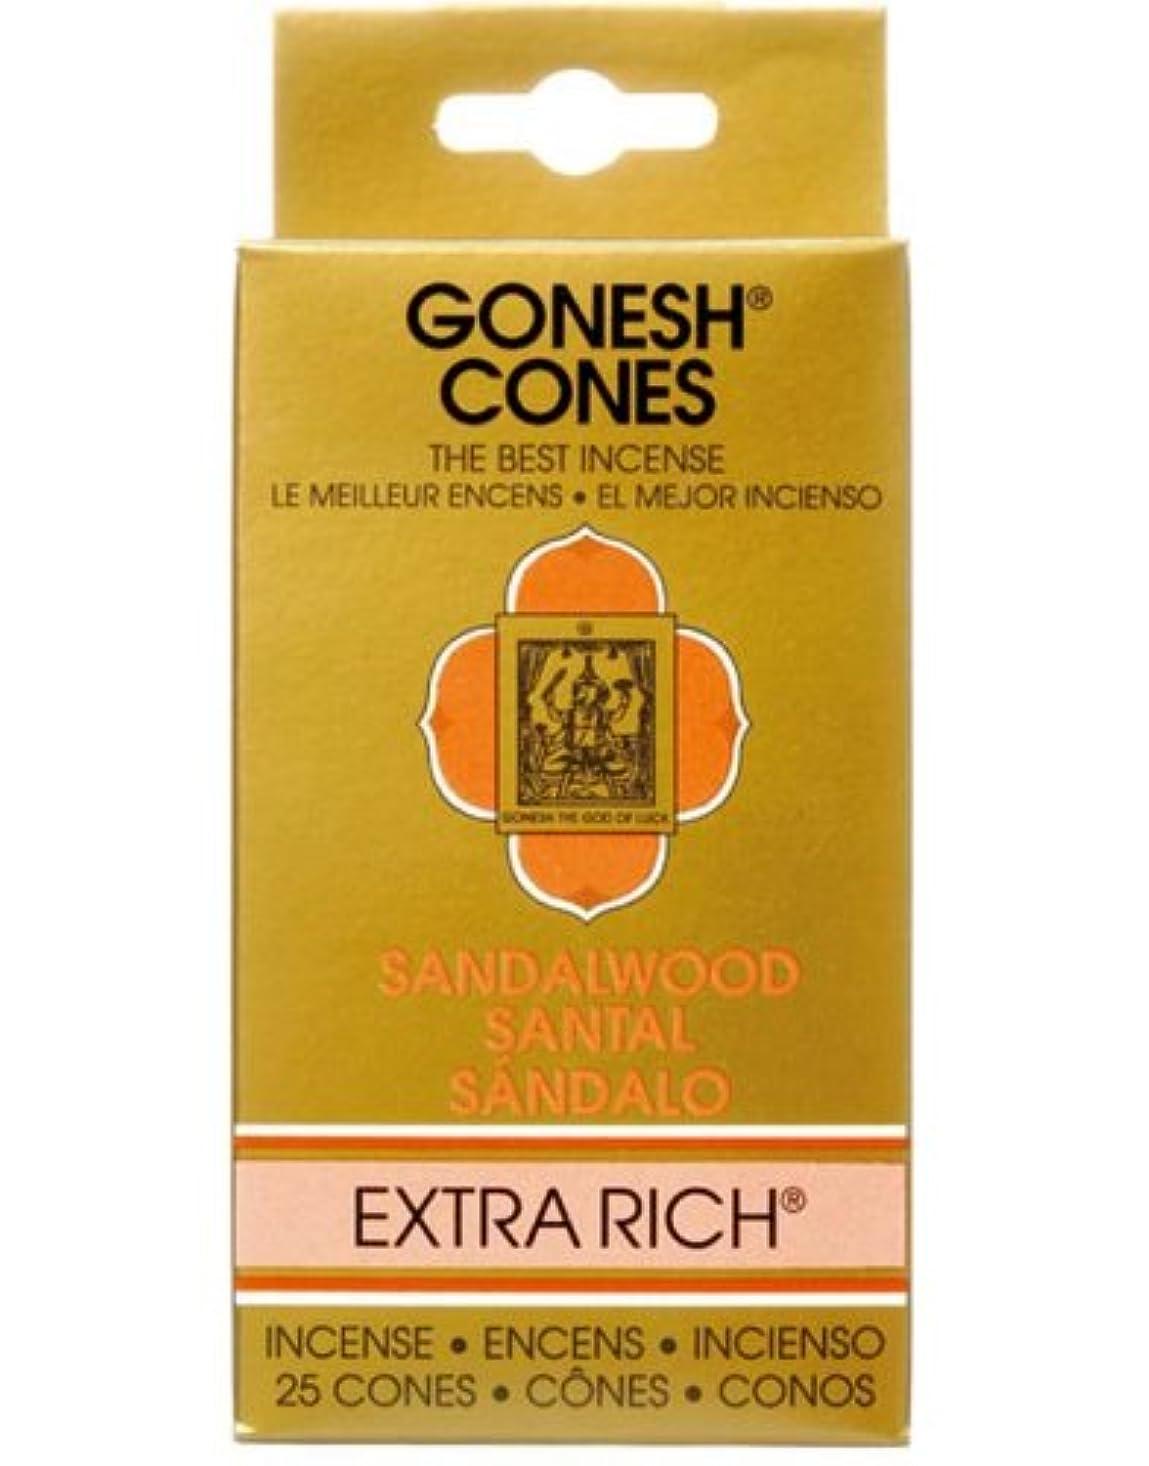 小麦粉オートメーション血統ガーネッシュ(GONESH) エクストラリッチ インセンス コーン サンダルウッド(白檀) 25個入(お香)